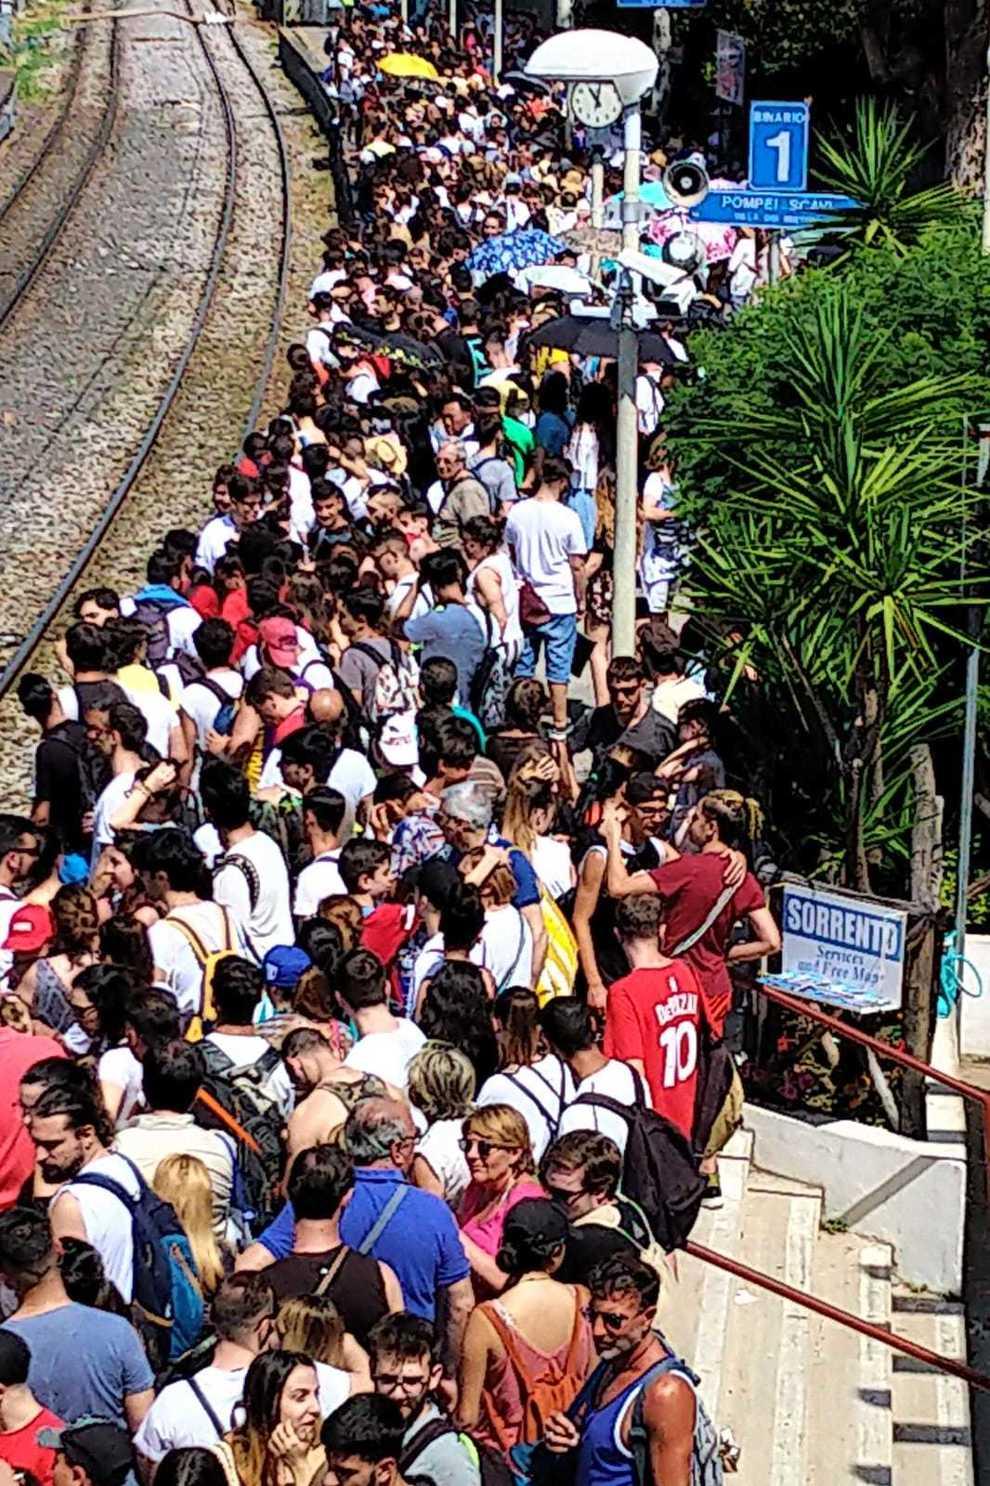 Guasto a un treno: la stazione di Pompei invasa da duemila turisti